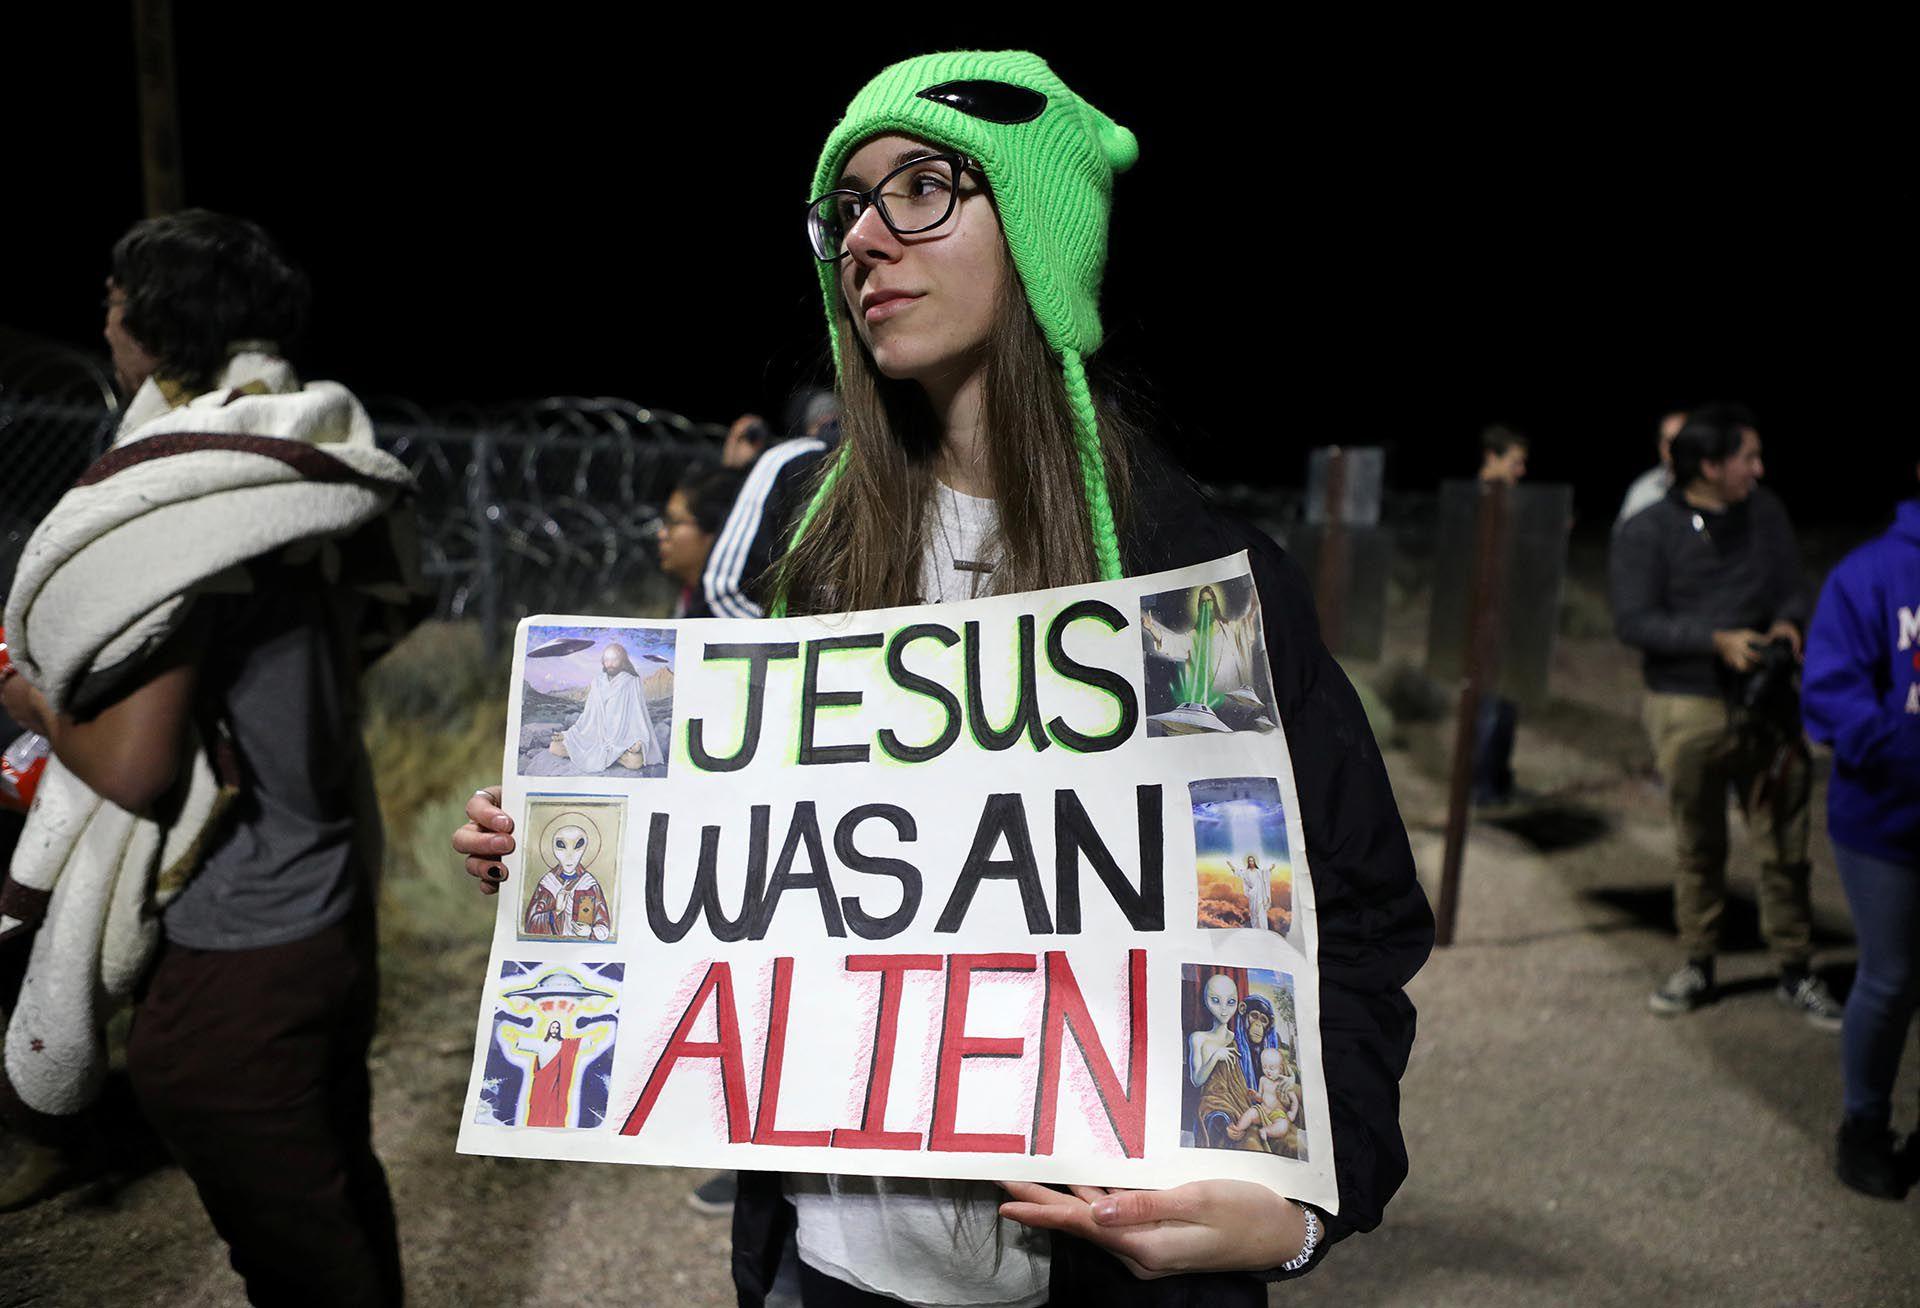 """""""Jesús era un alien"""", apuntó una joven que asistió al Alienstock (REUTERS/Jim Urquhart)"""